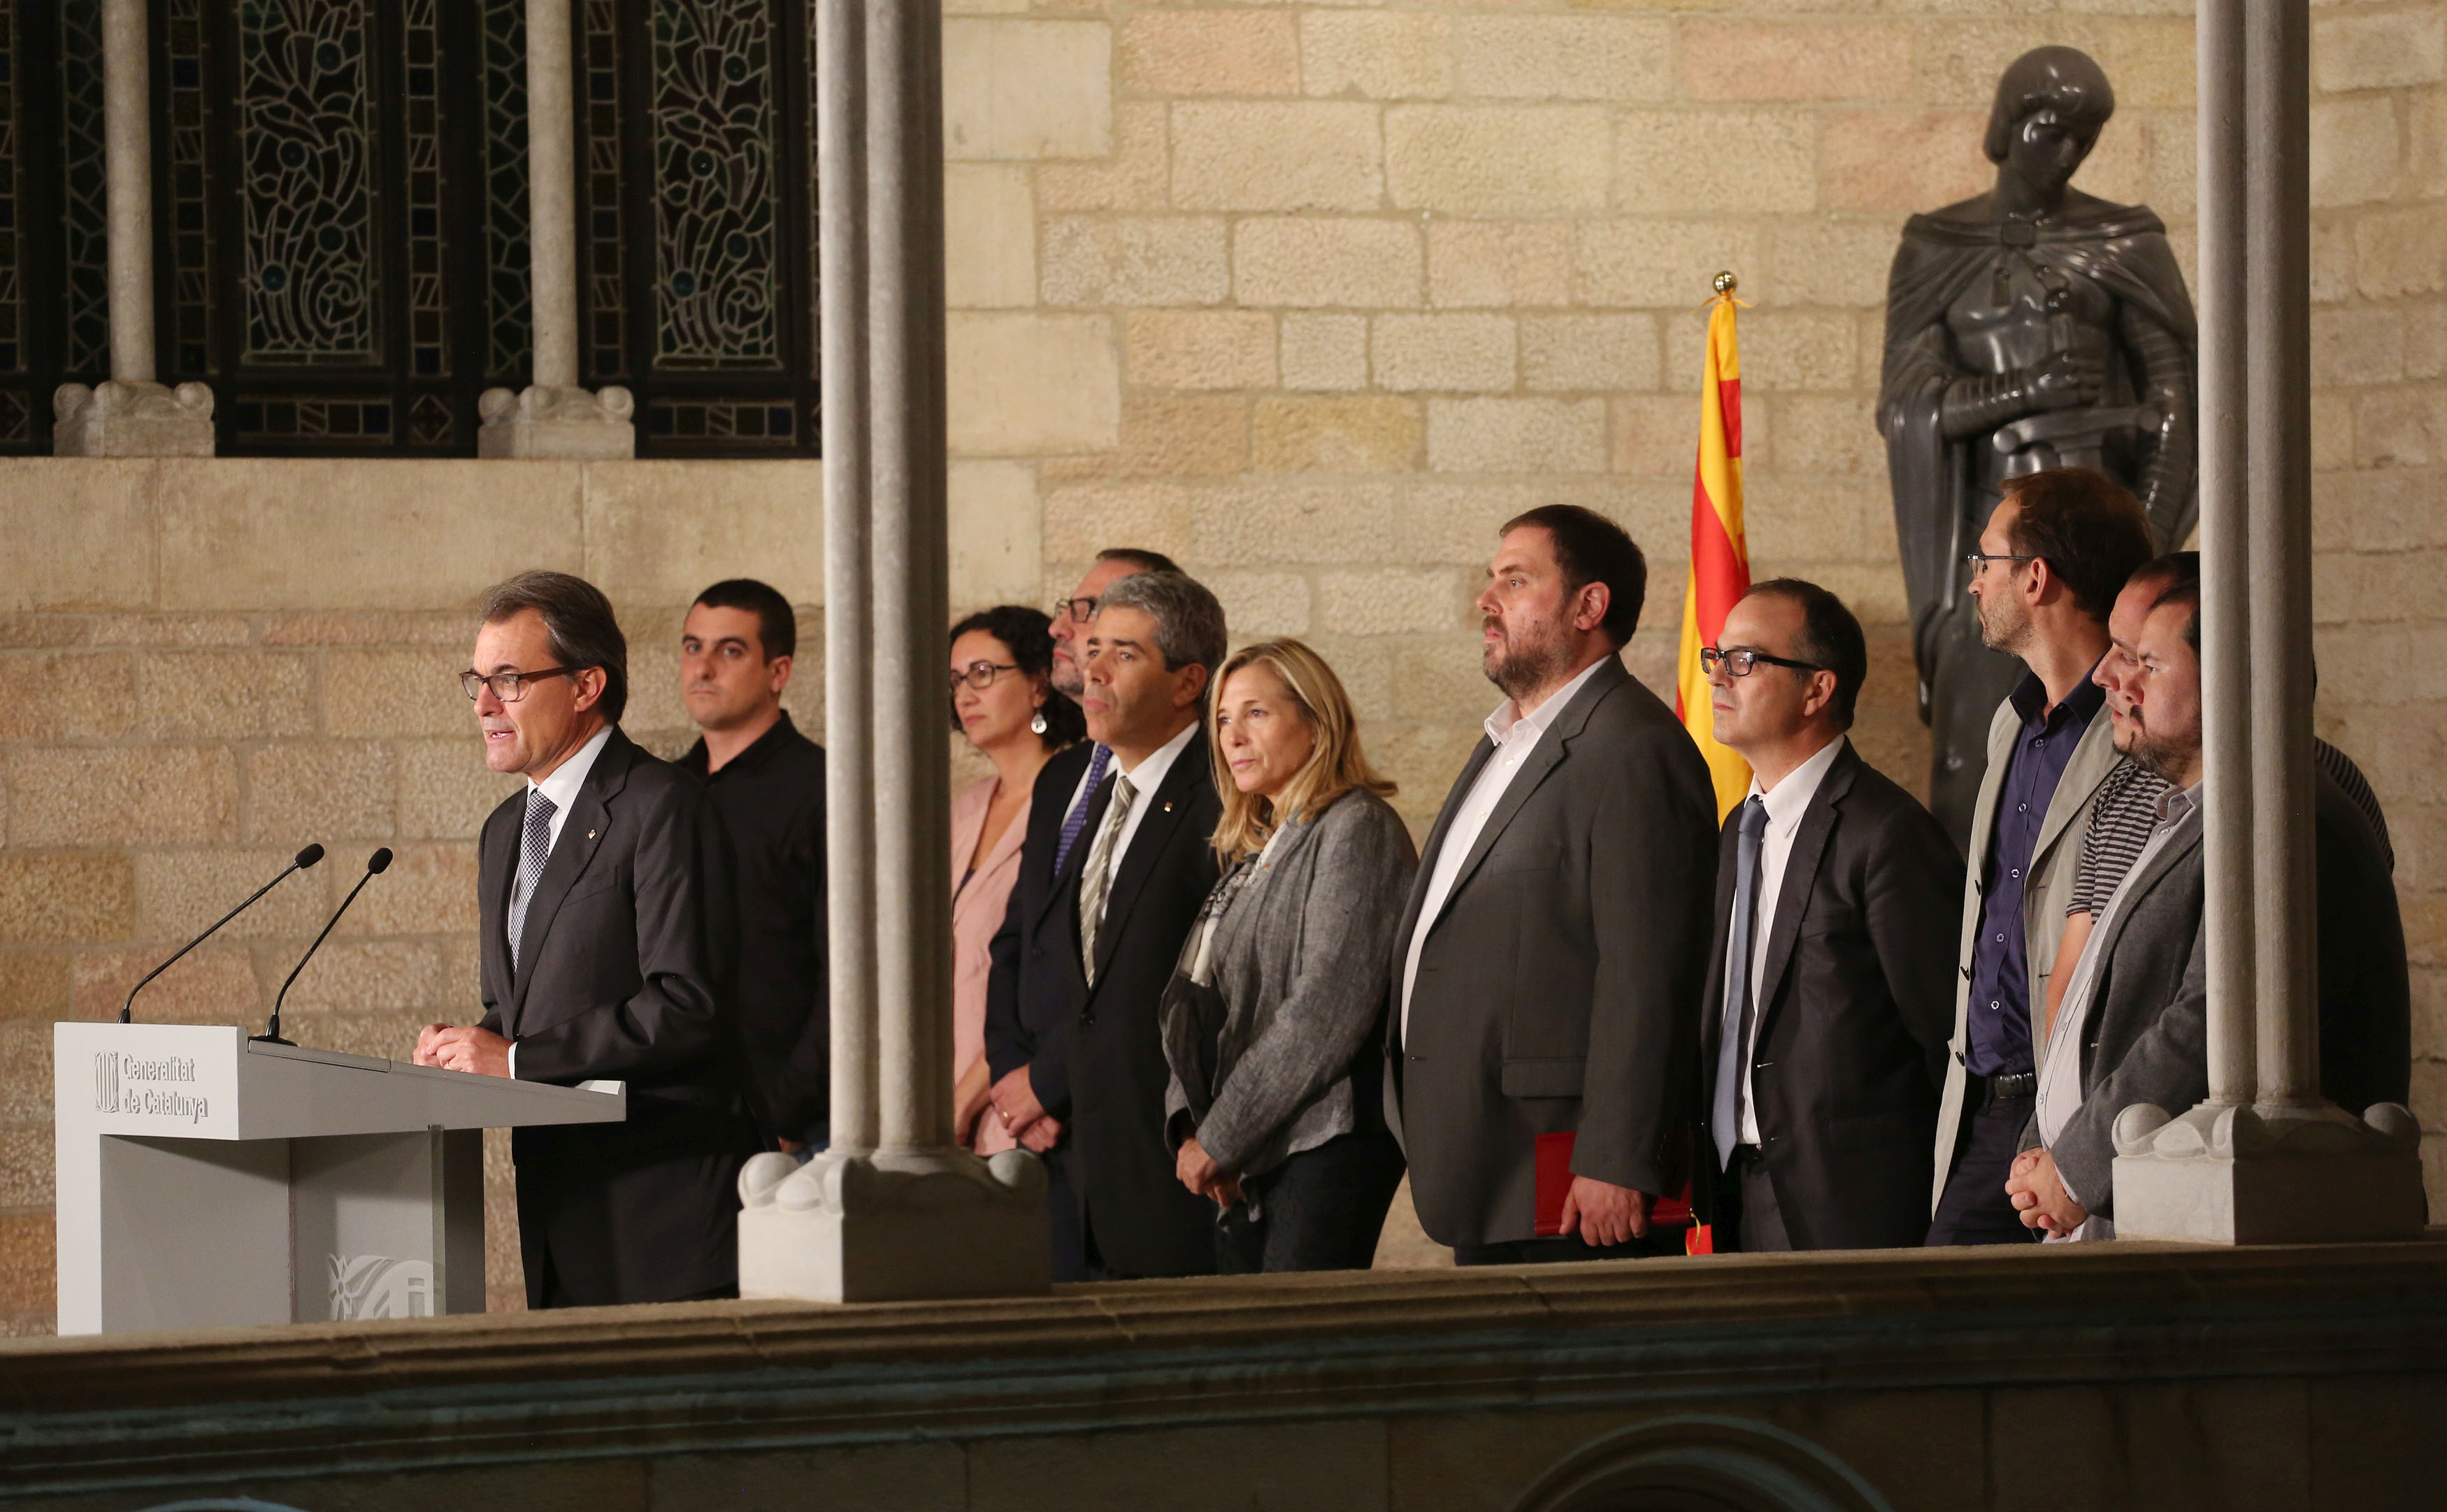 Compareixença conjunta dels partits proconsulta. Foto: Gencat.cat